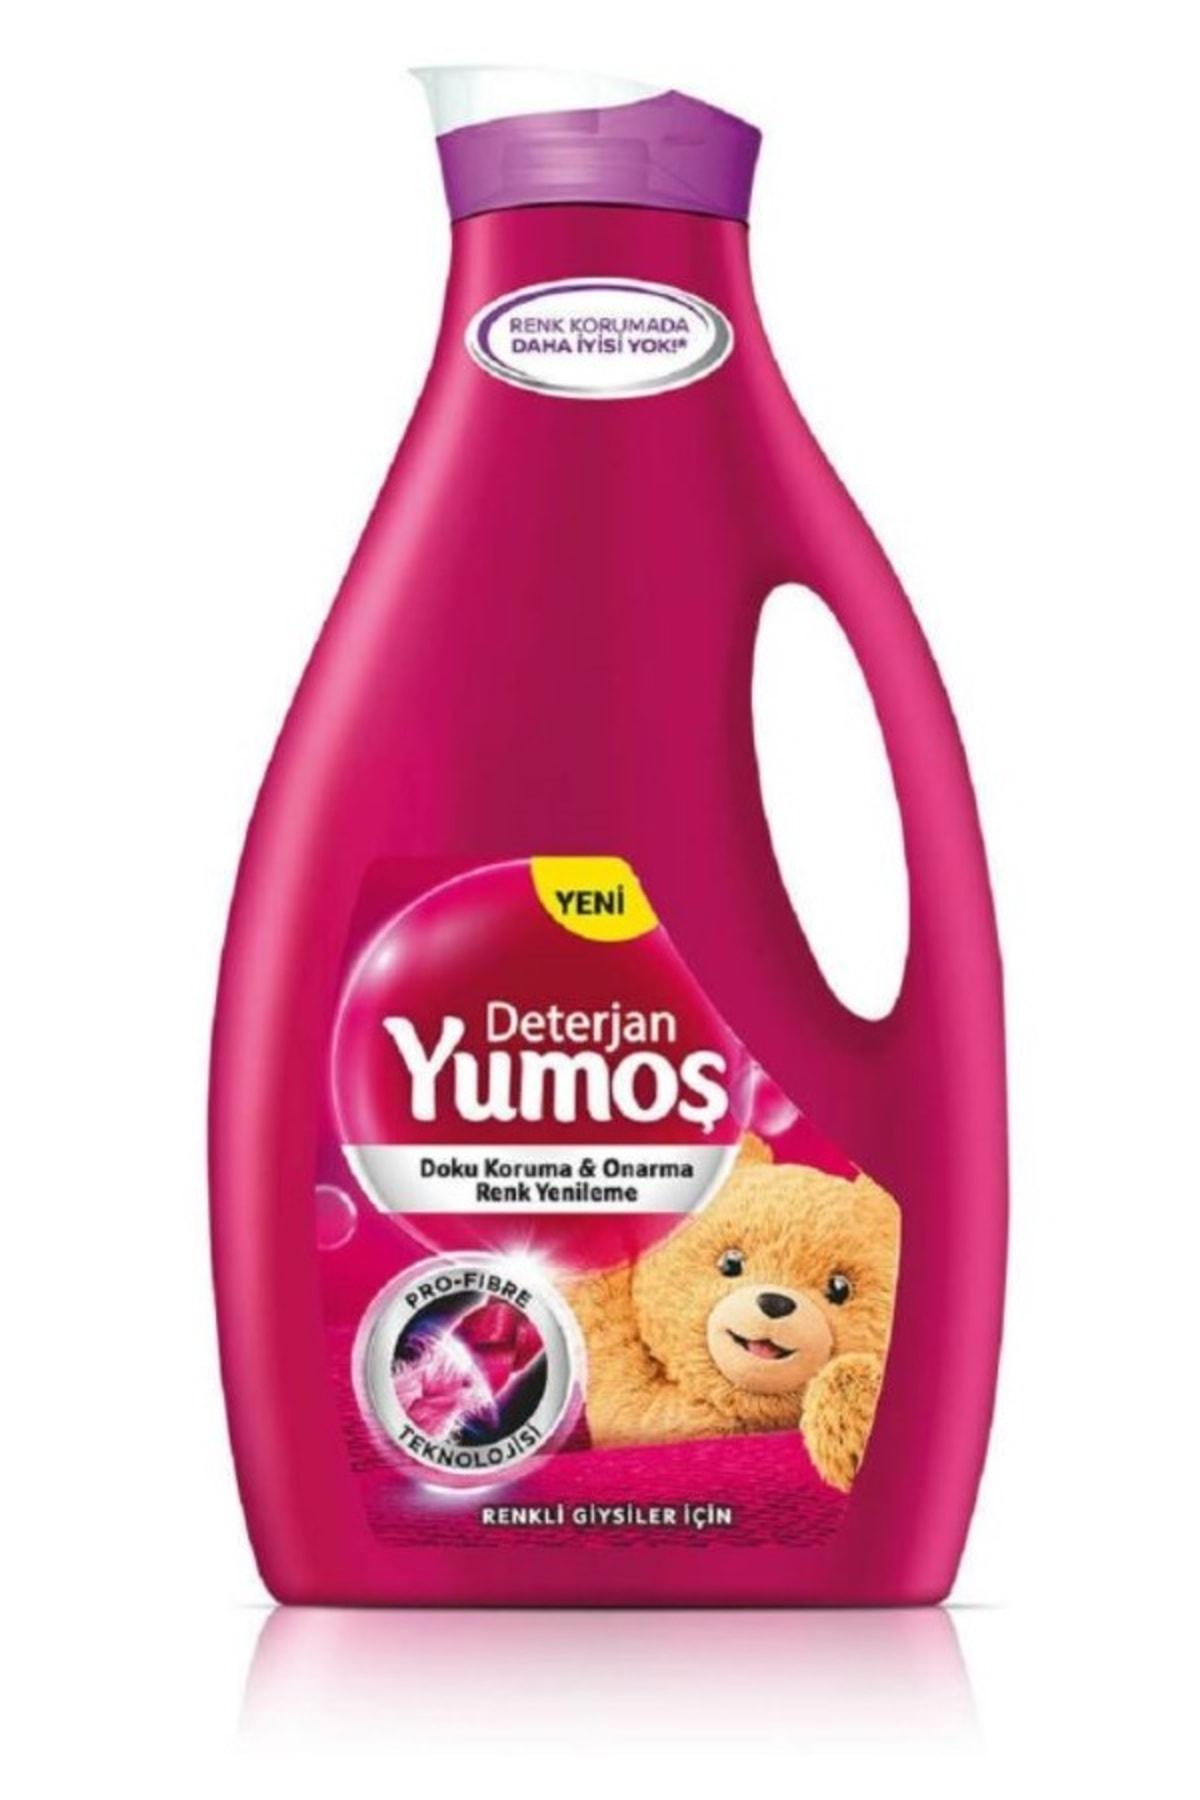 Sıvı Bakım Çamaşır Deterjanı Renkli Giysiler İçin Renk Korumada Daha İyisi Yok 2520 ML